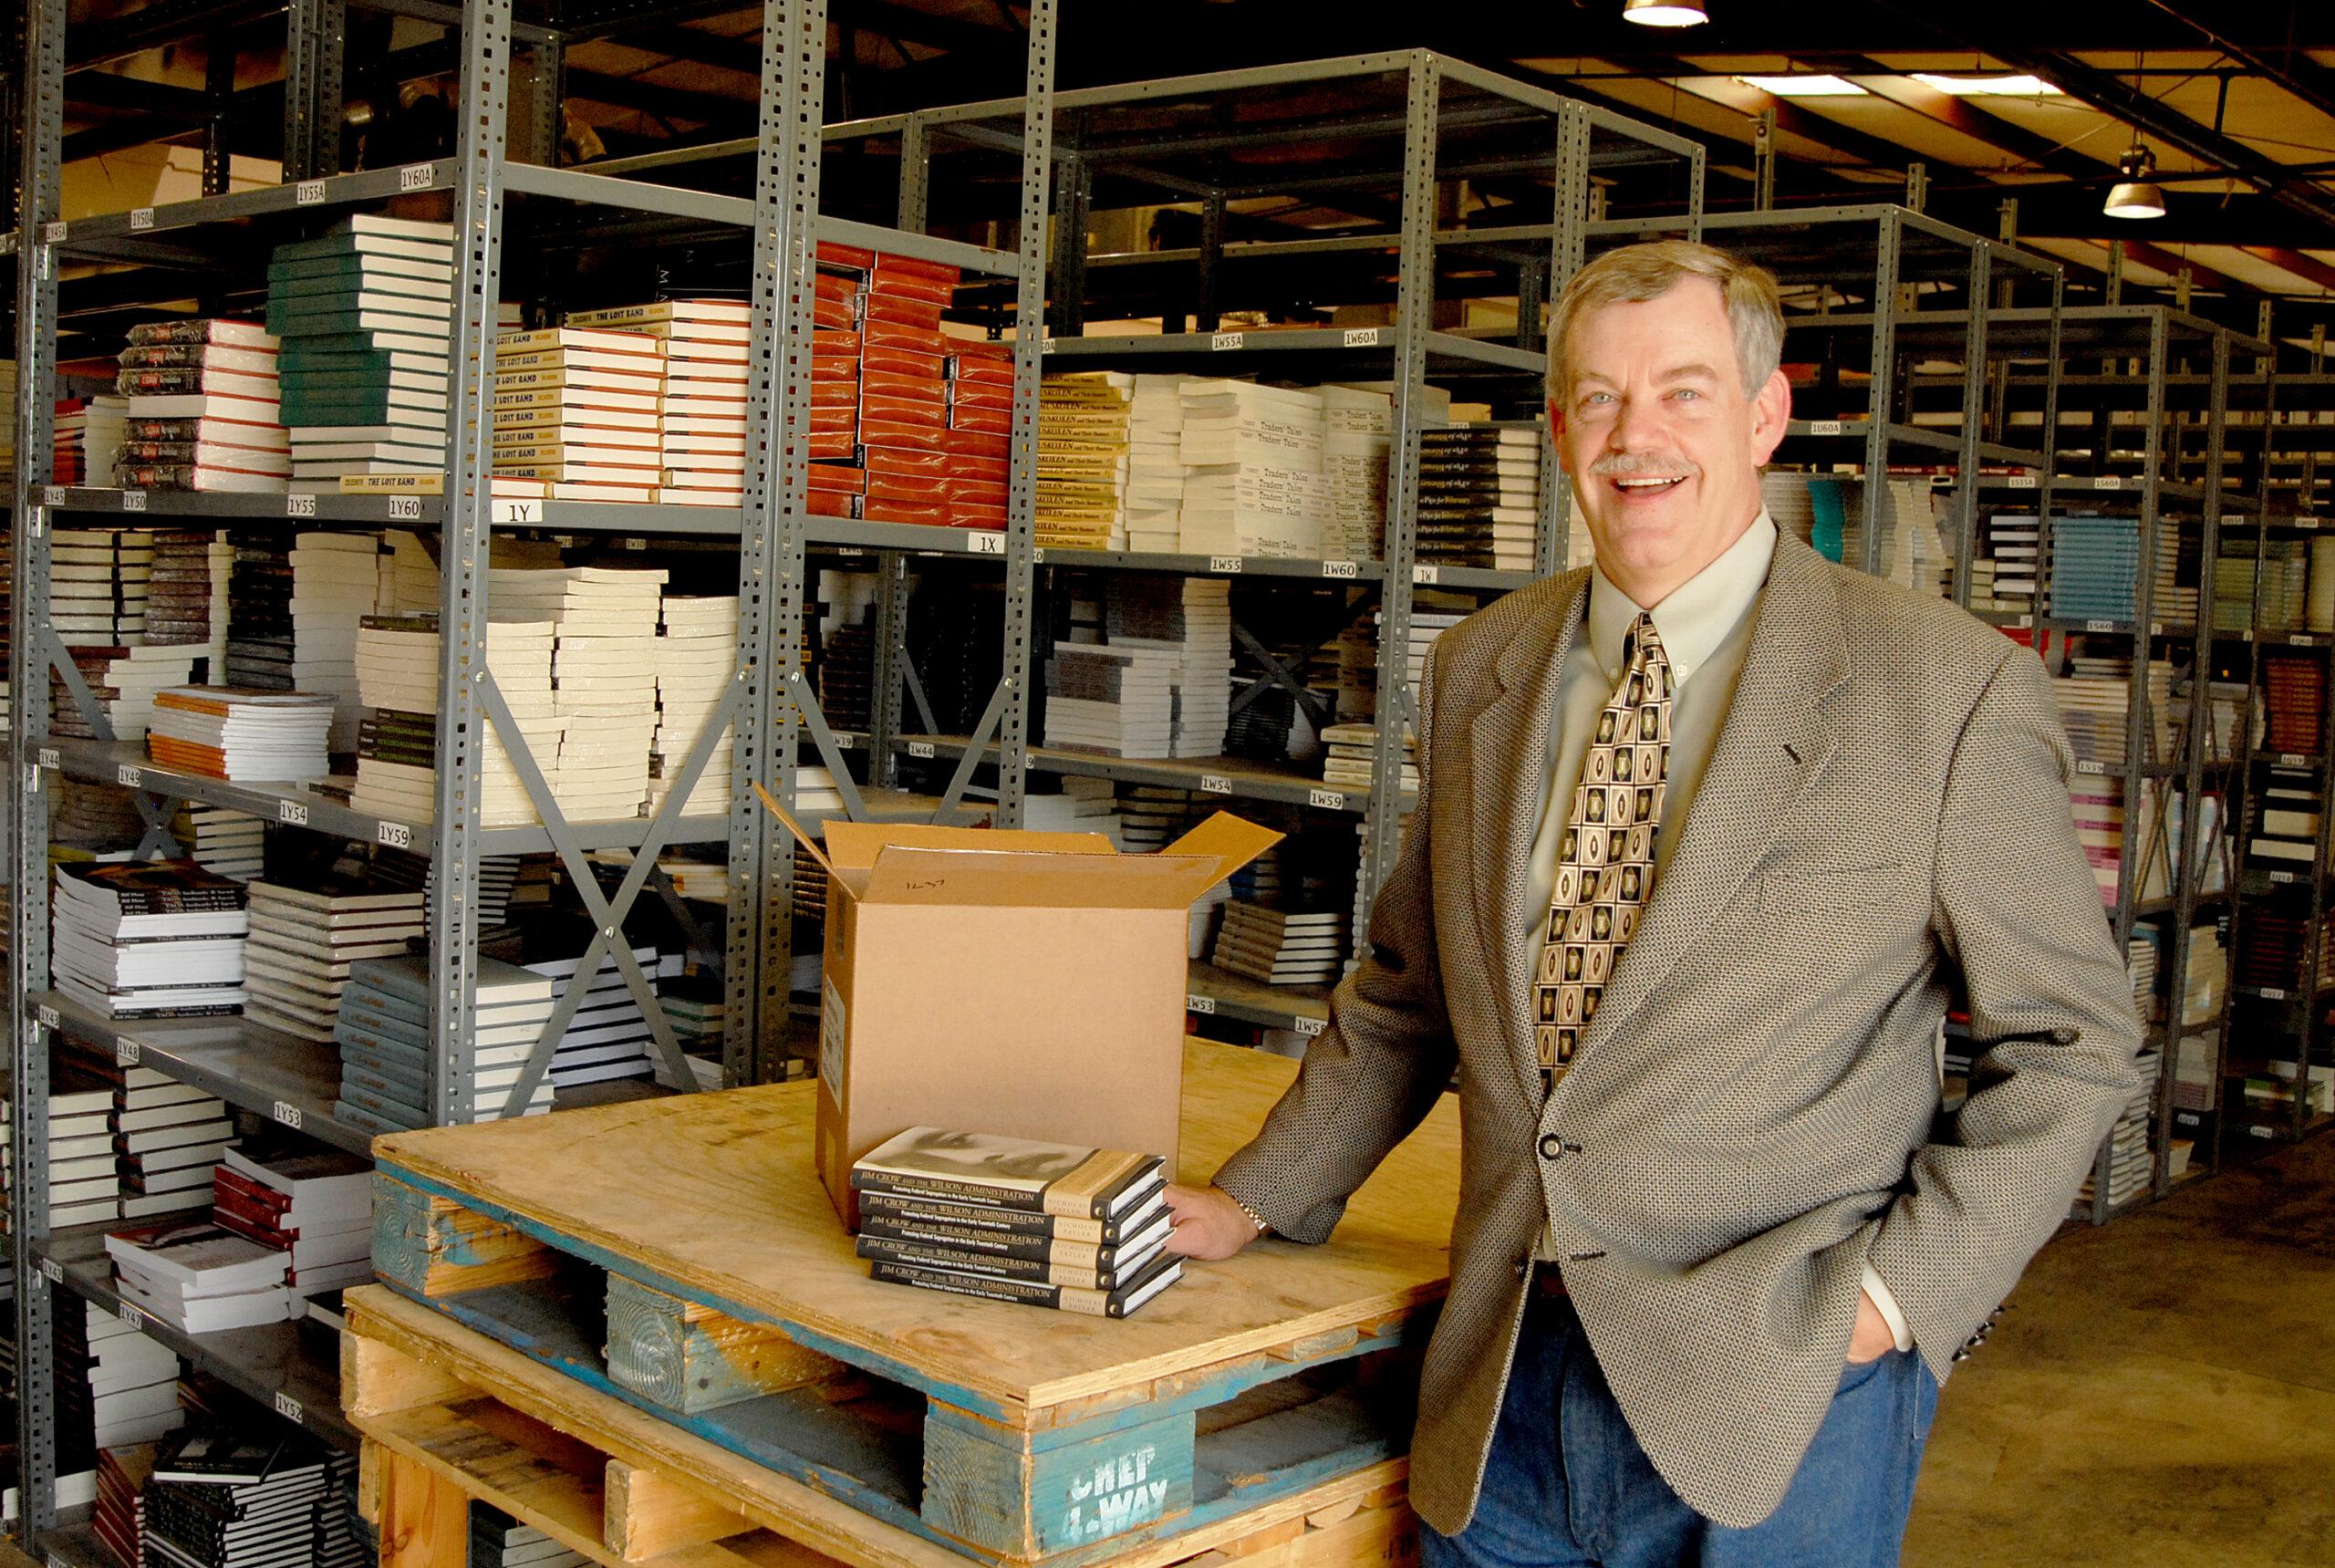 Byron Price - OU Press by Bob Taylor